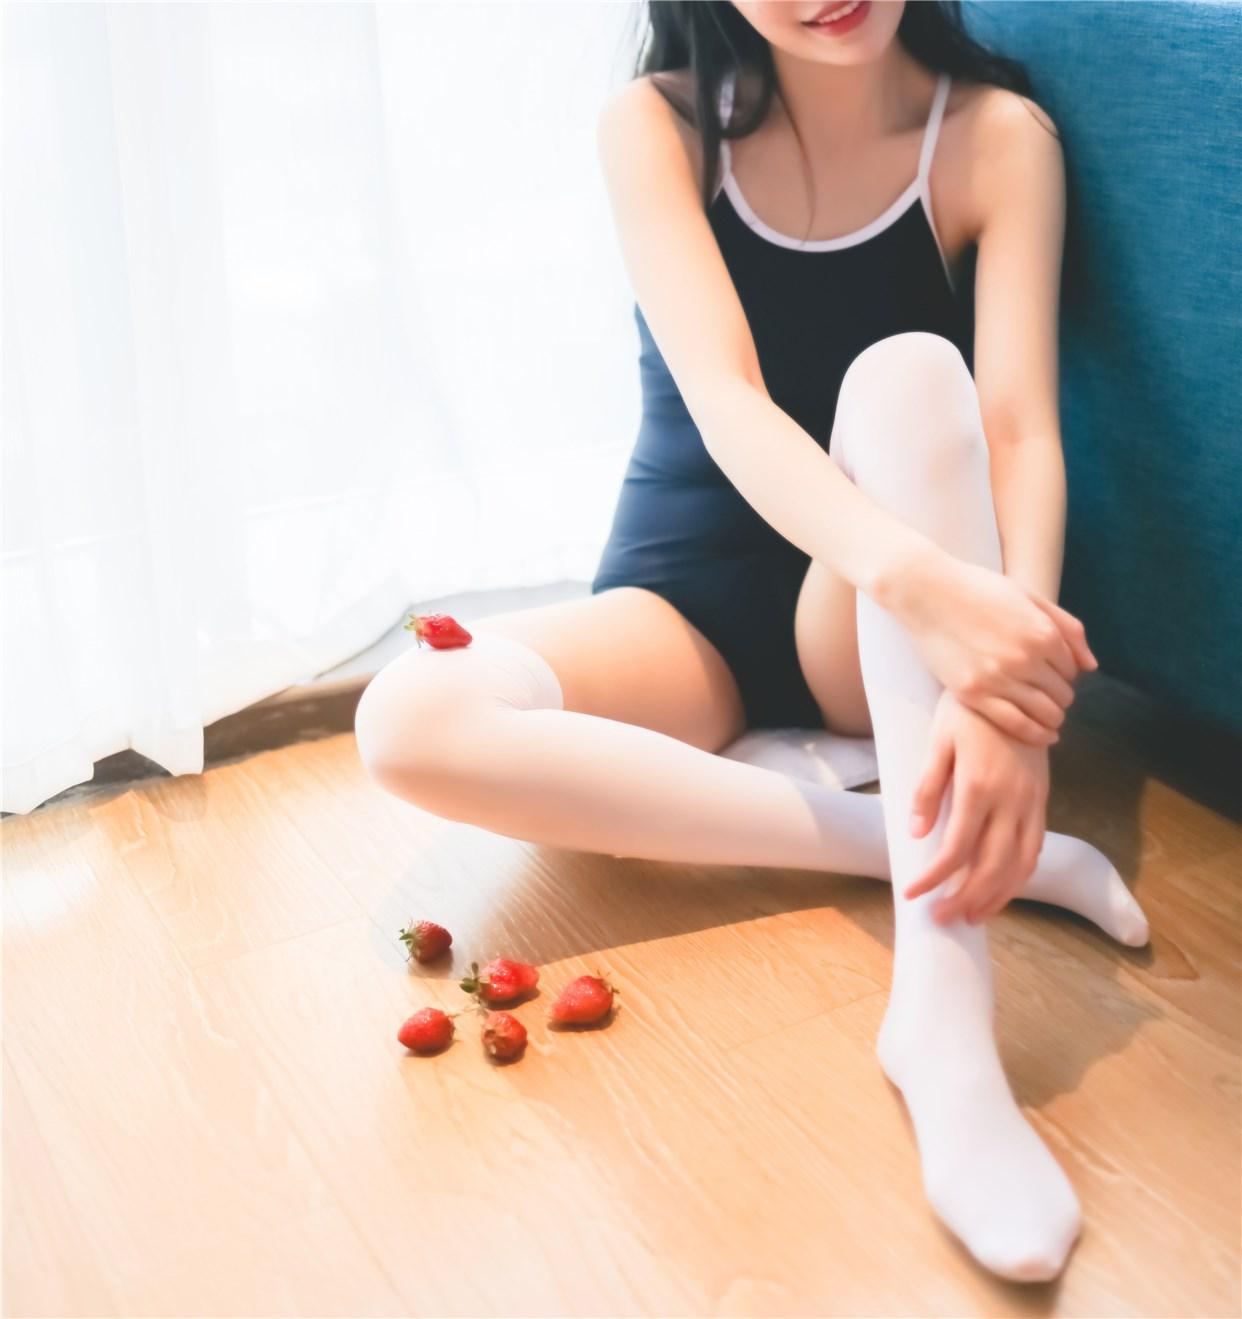 【兔玩映画】草莓,牛奶,死库水 兔玩映画 第5张